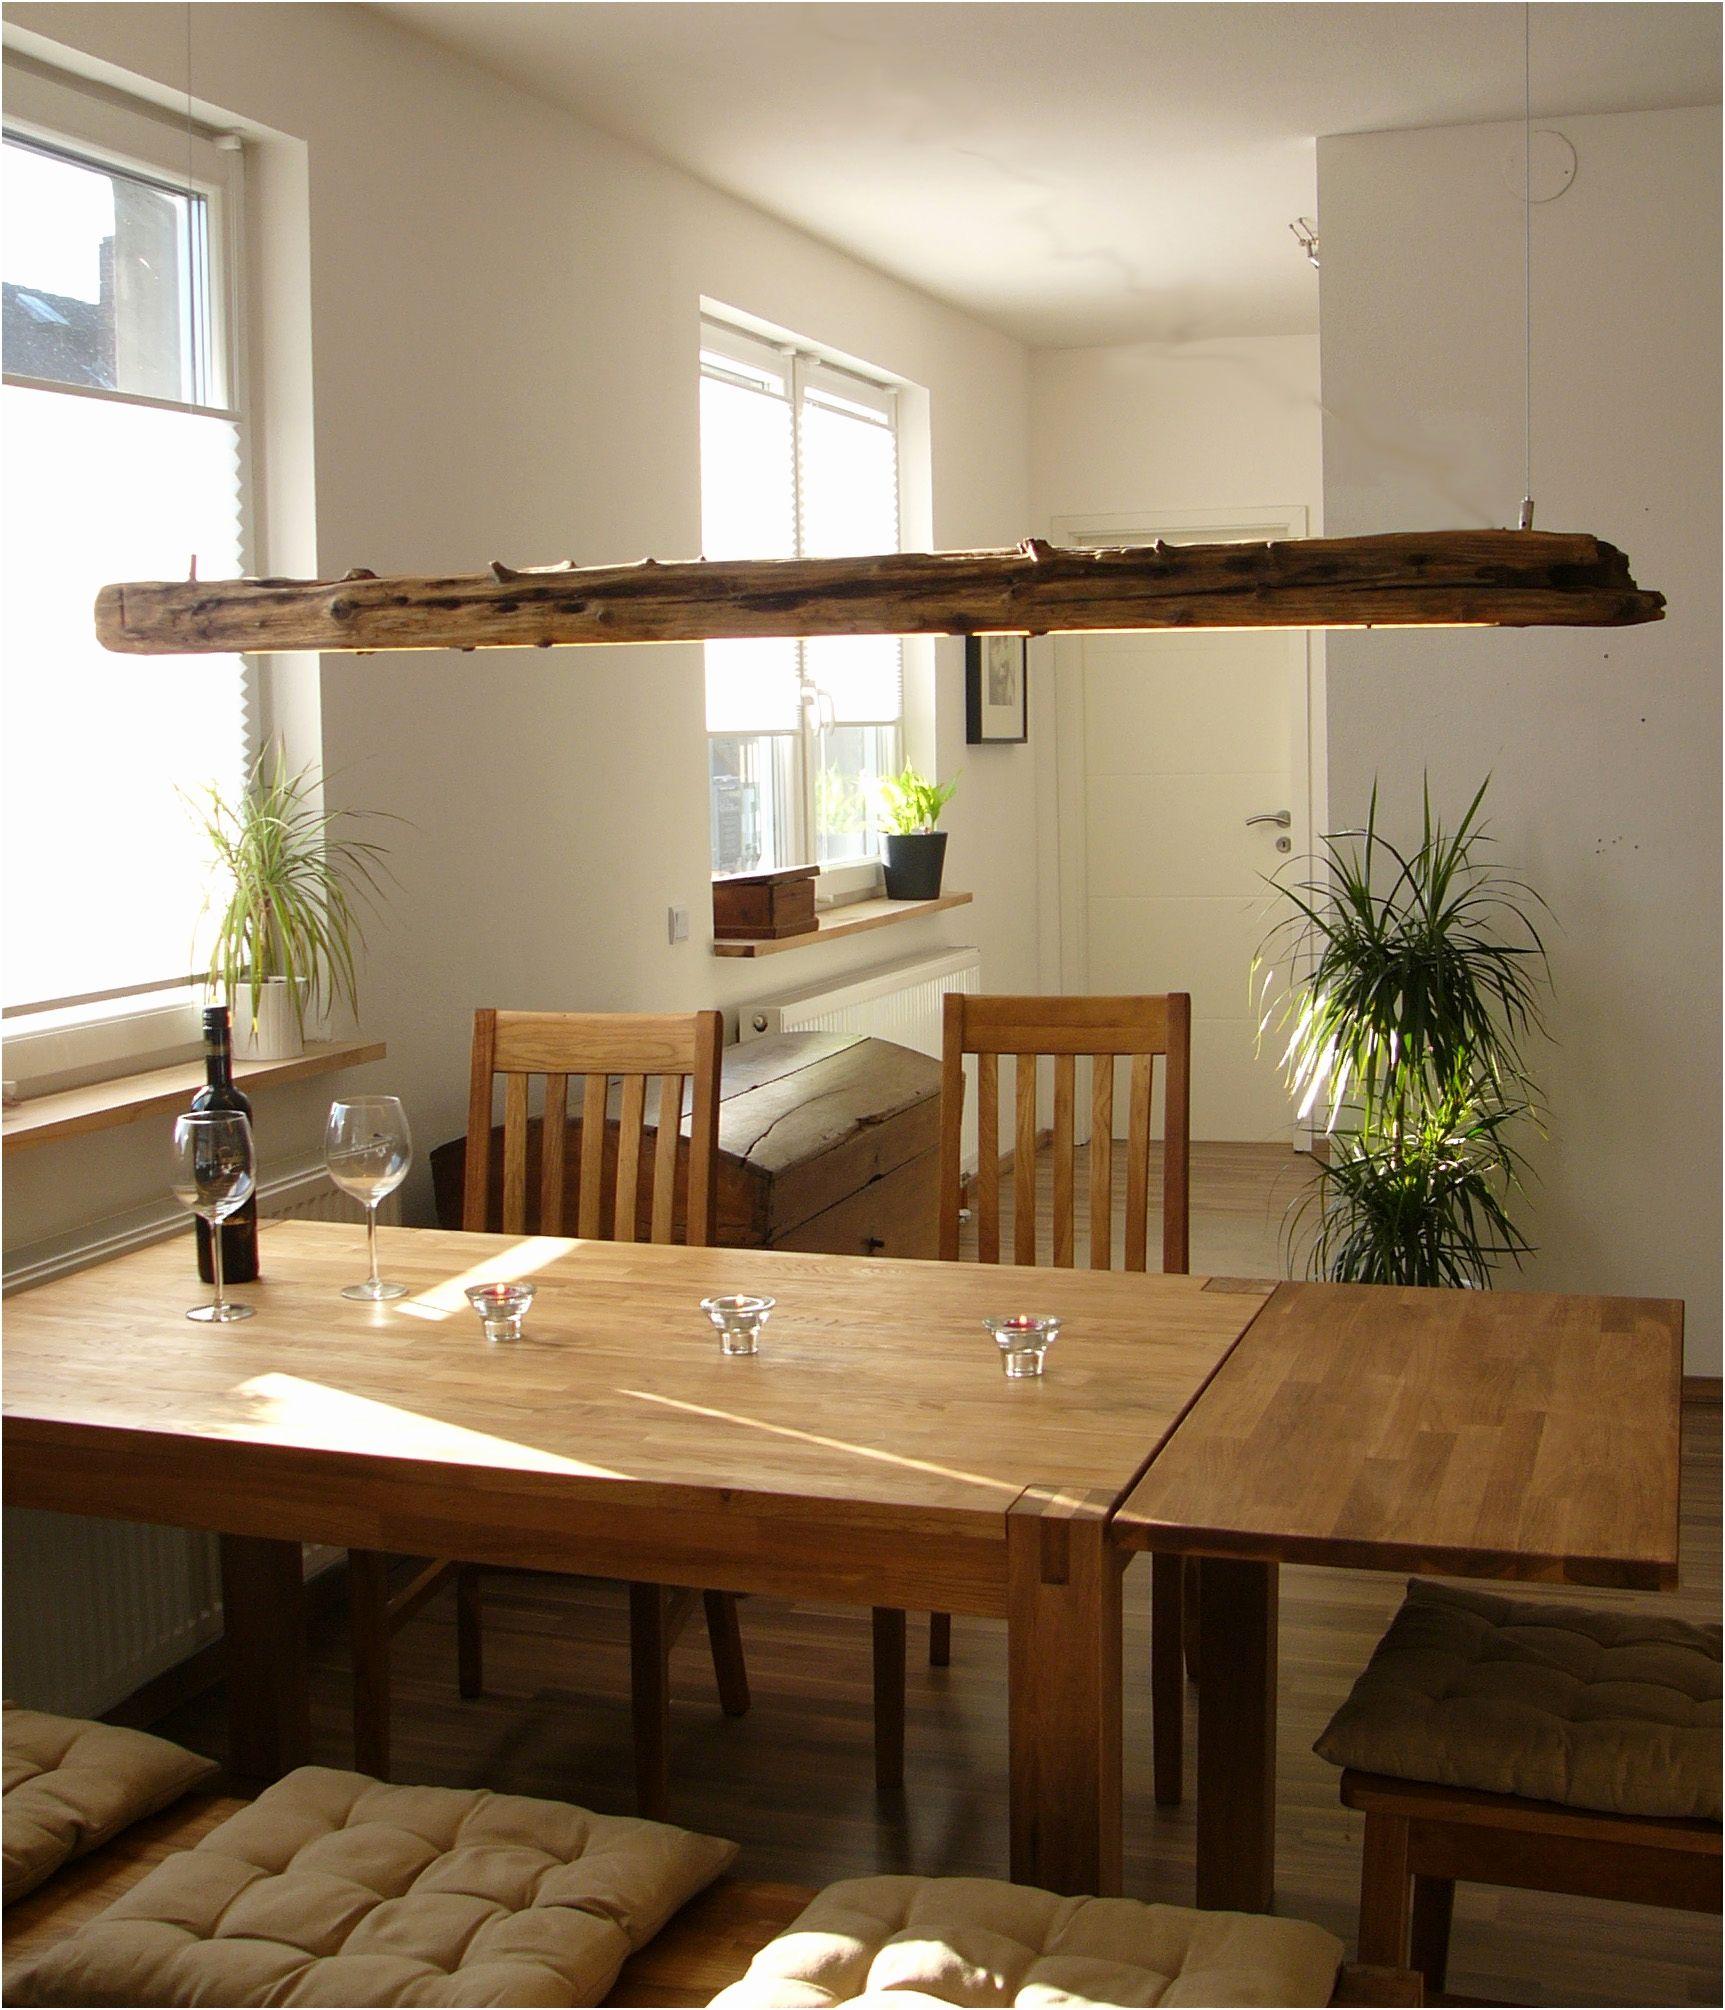 Full Size of Lampe Esstisch Modern Led Das Beste Von Esstische Design Holz Massivholz Designer Lampen Mit 4 Stühlen Günstig Massiver Esstischstühle Rund Badezimmer Esstische Lampen Esstisch